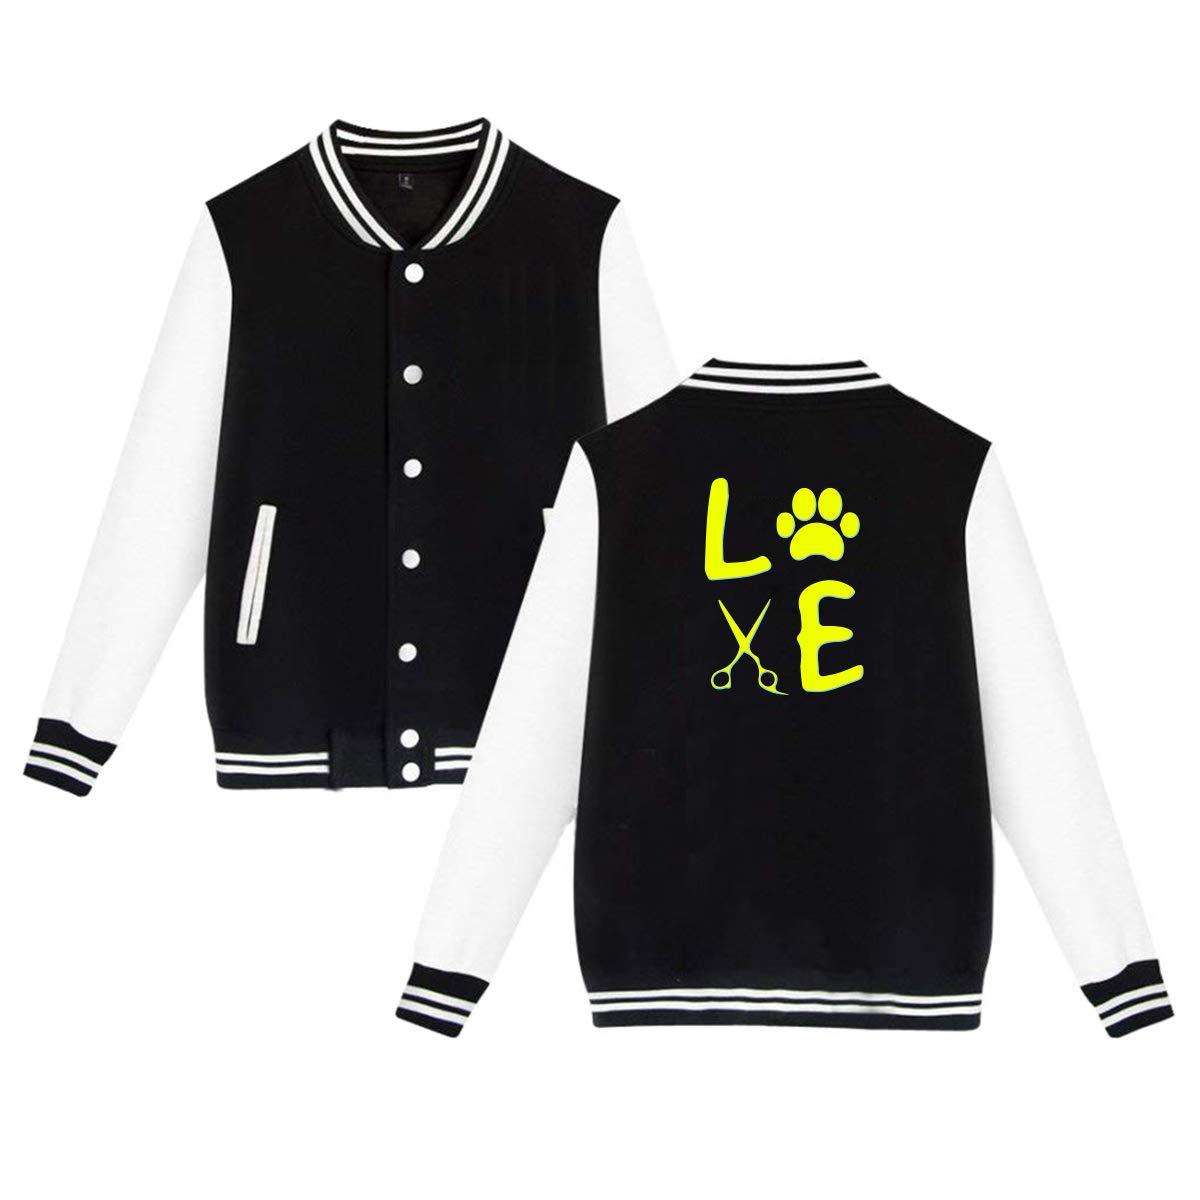 MF SFLK Dog Groomer Unisex Baseball Jacket Uniform Sweater Coat Sweatshirt